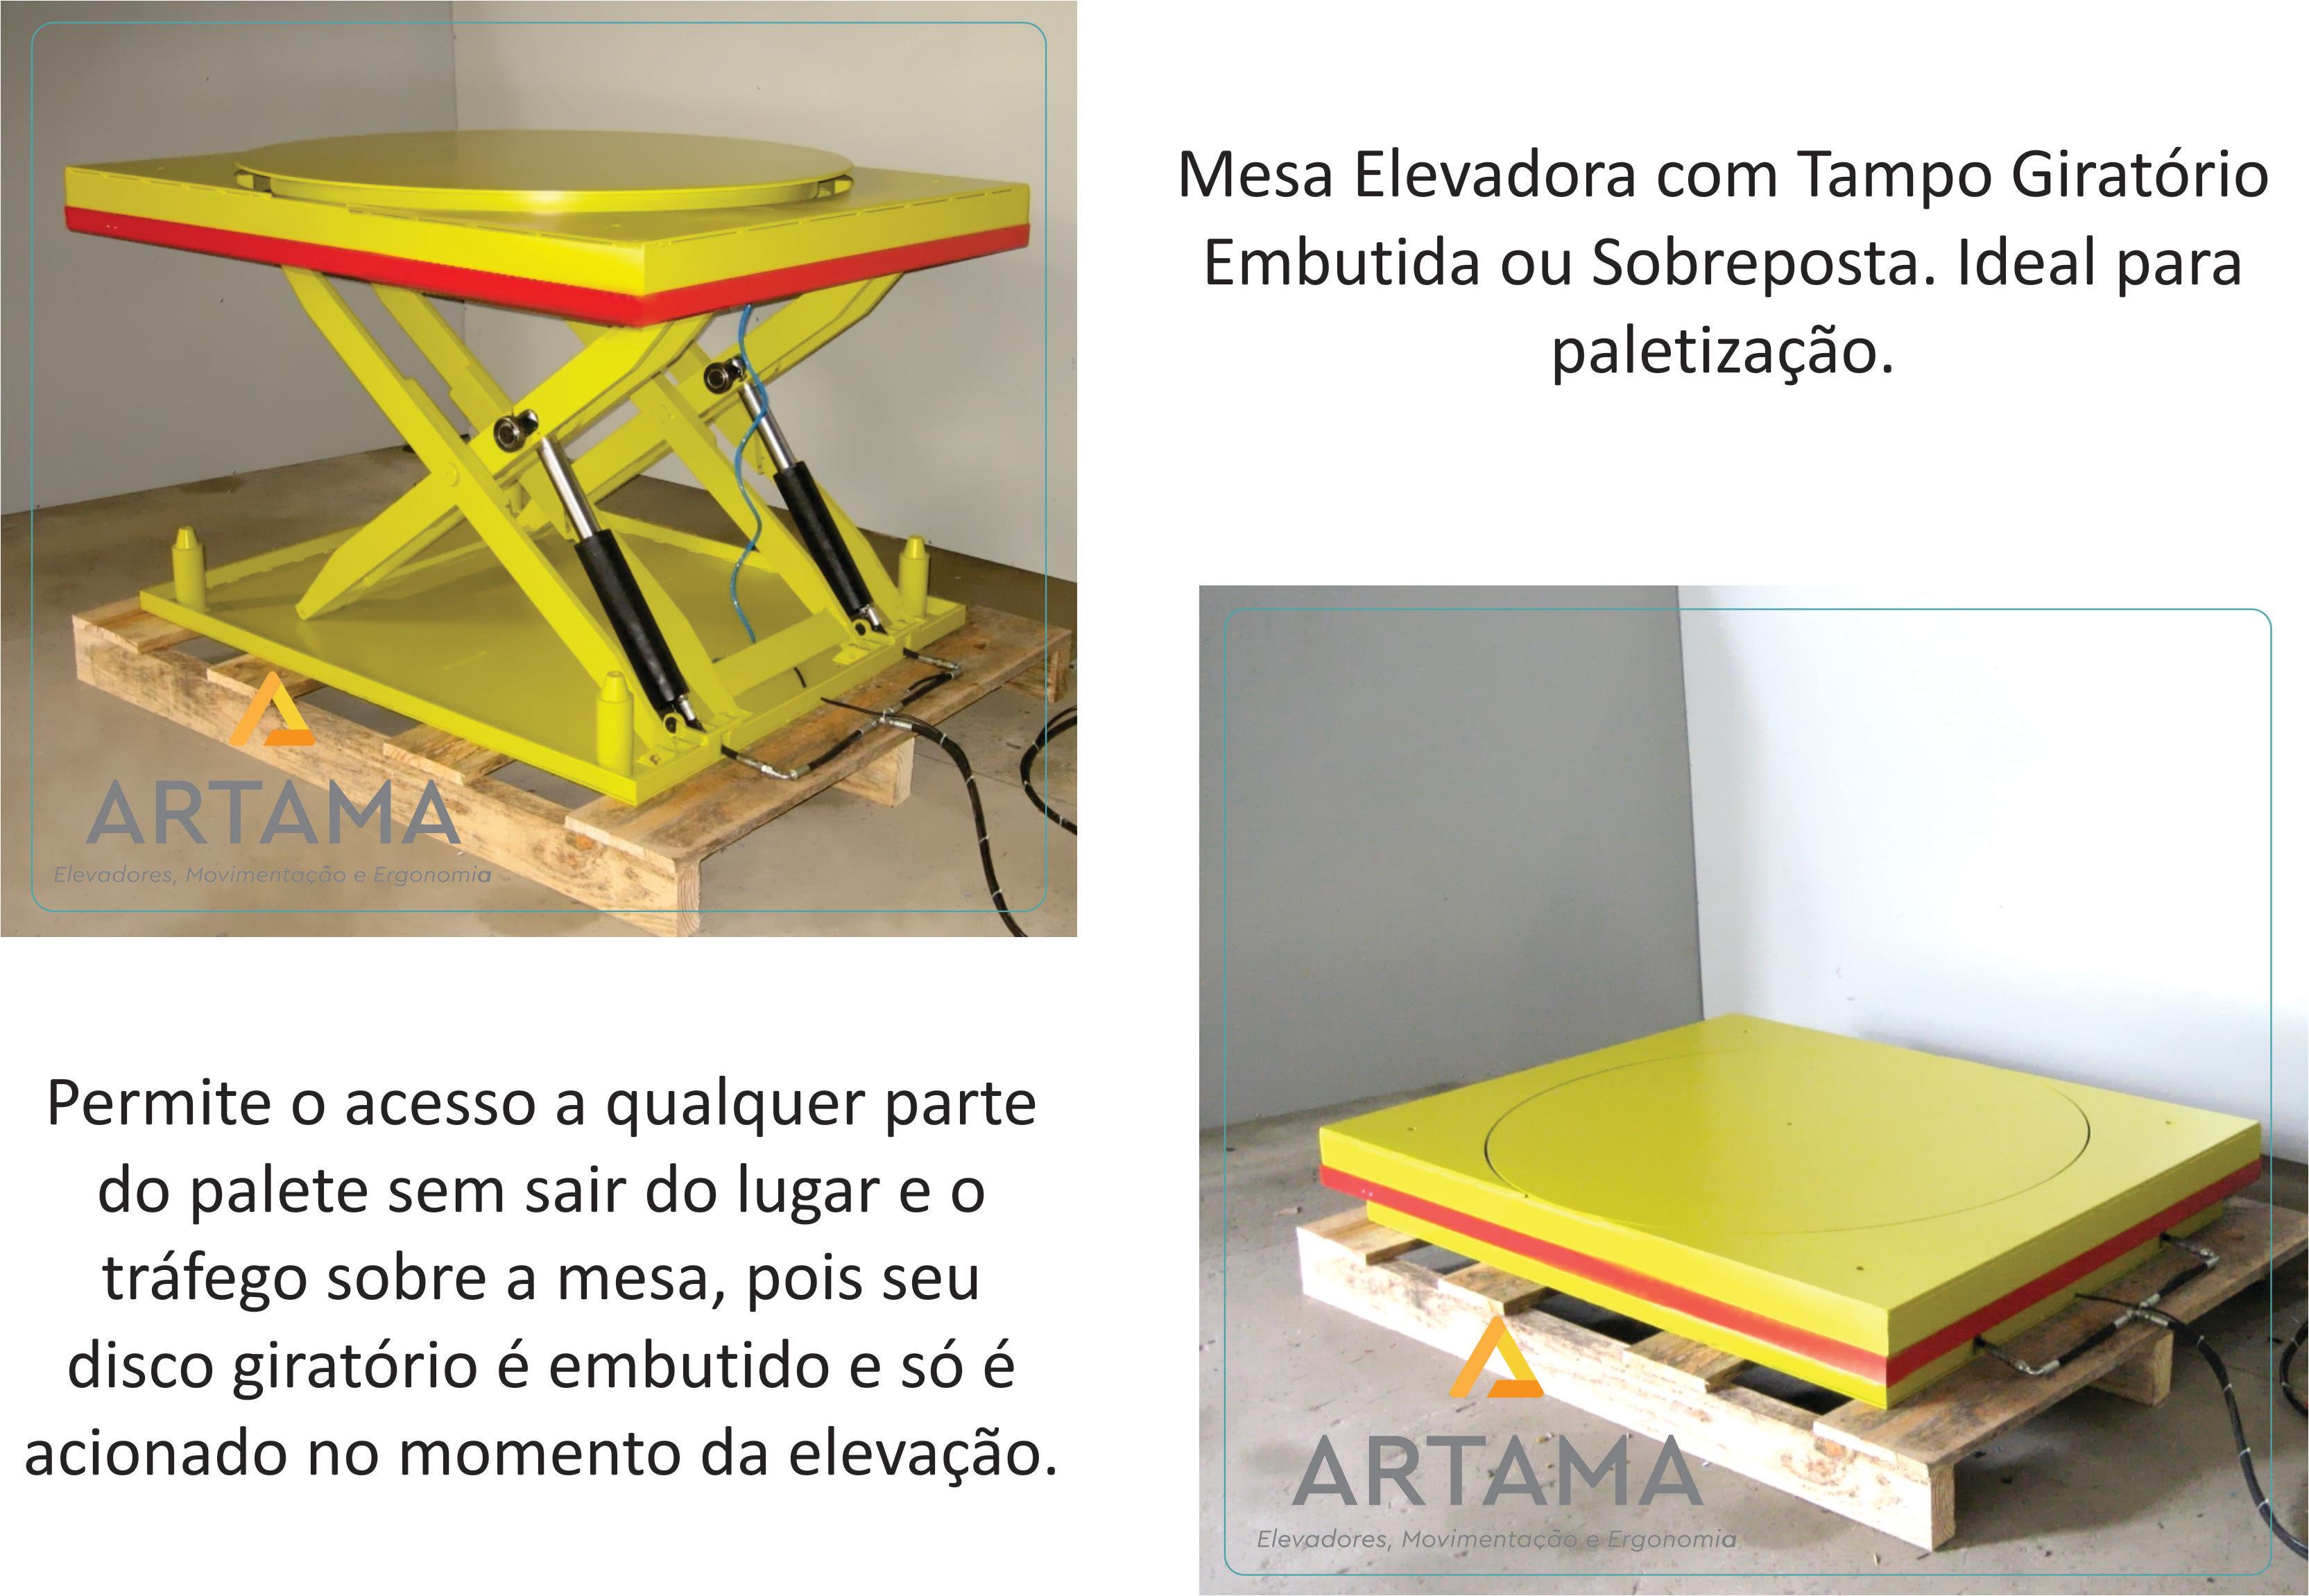 Mesa_Elevadora_com_Tampo_Giratório